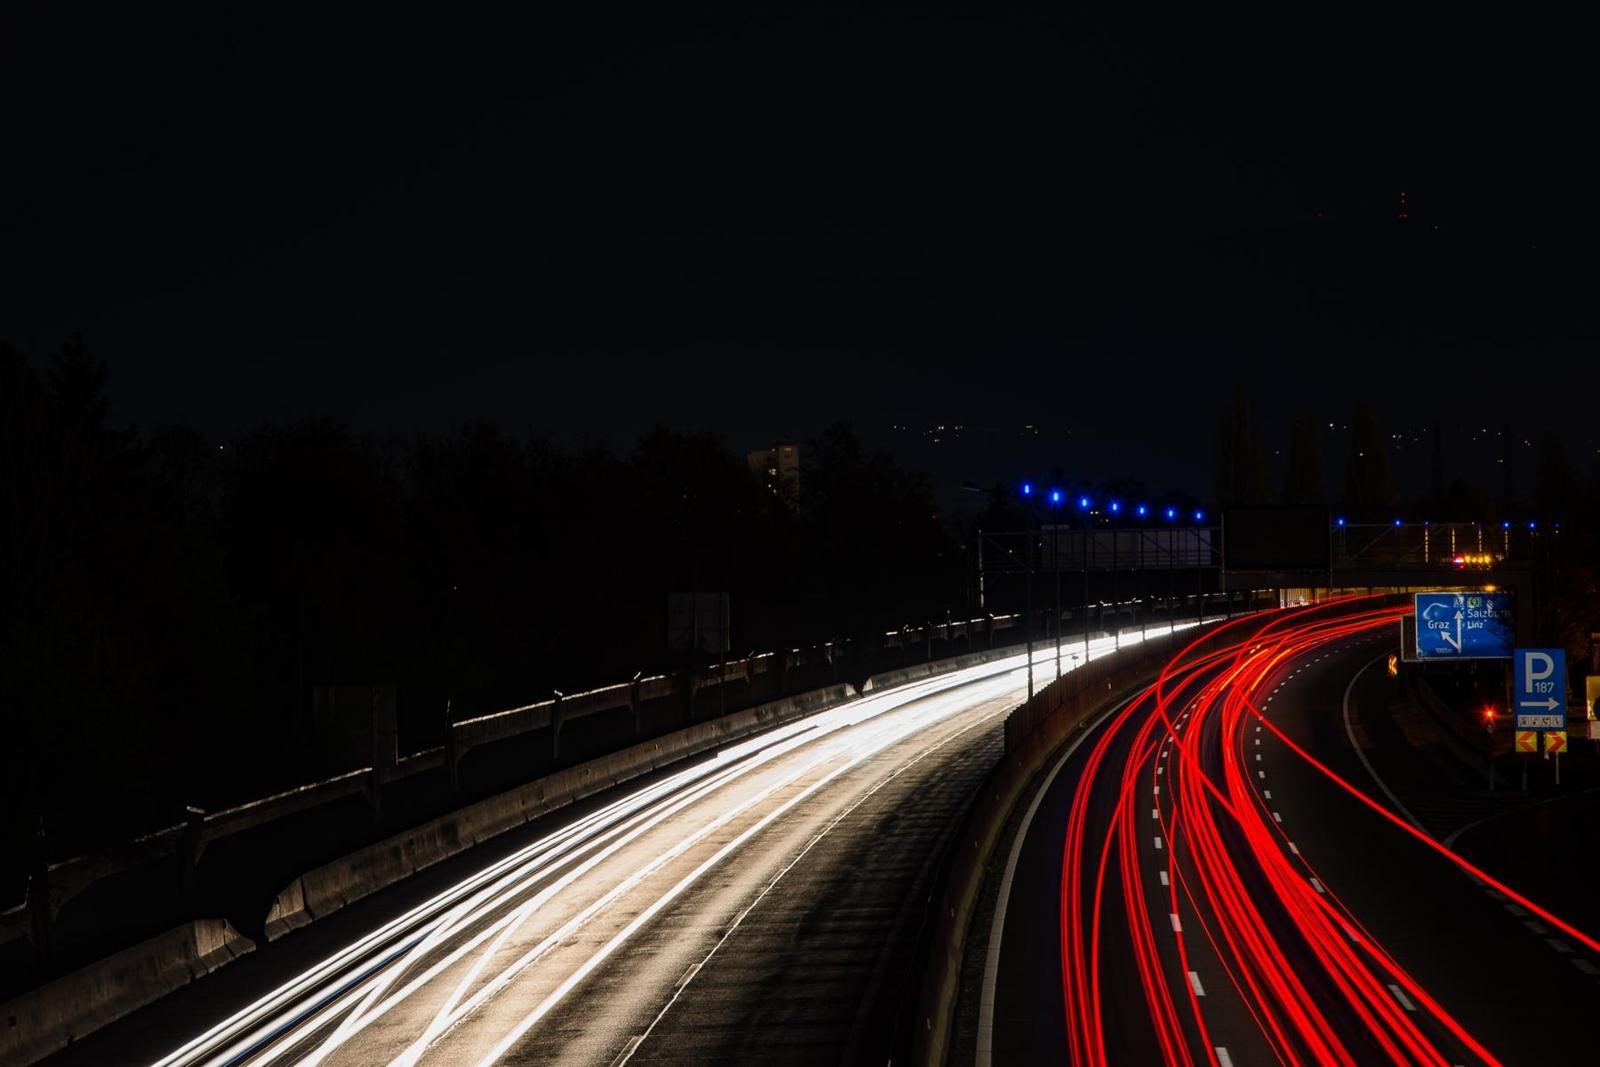 Lichtzieher Fotografie - Foto Tipps und Tricks - Photography Tips - Langzeitbelichtungen - Autobahn - Graz - Fashionladyloves by Tamara Wagner Lifestyleblog